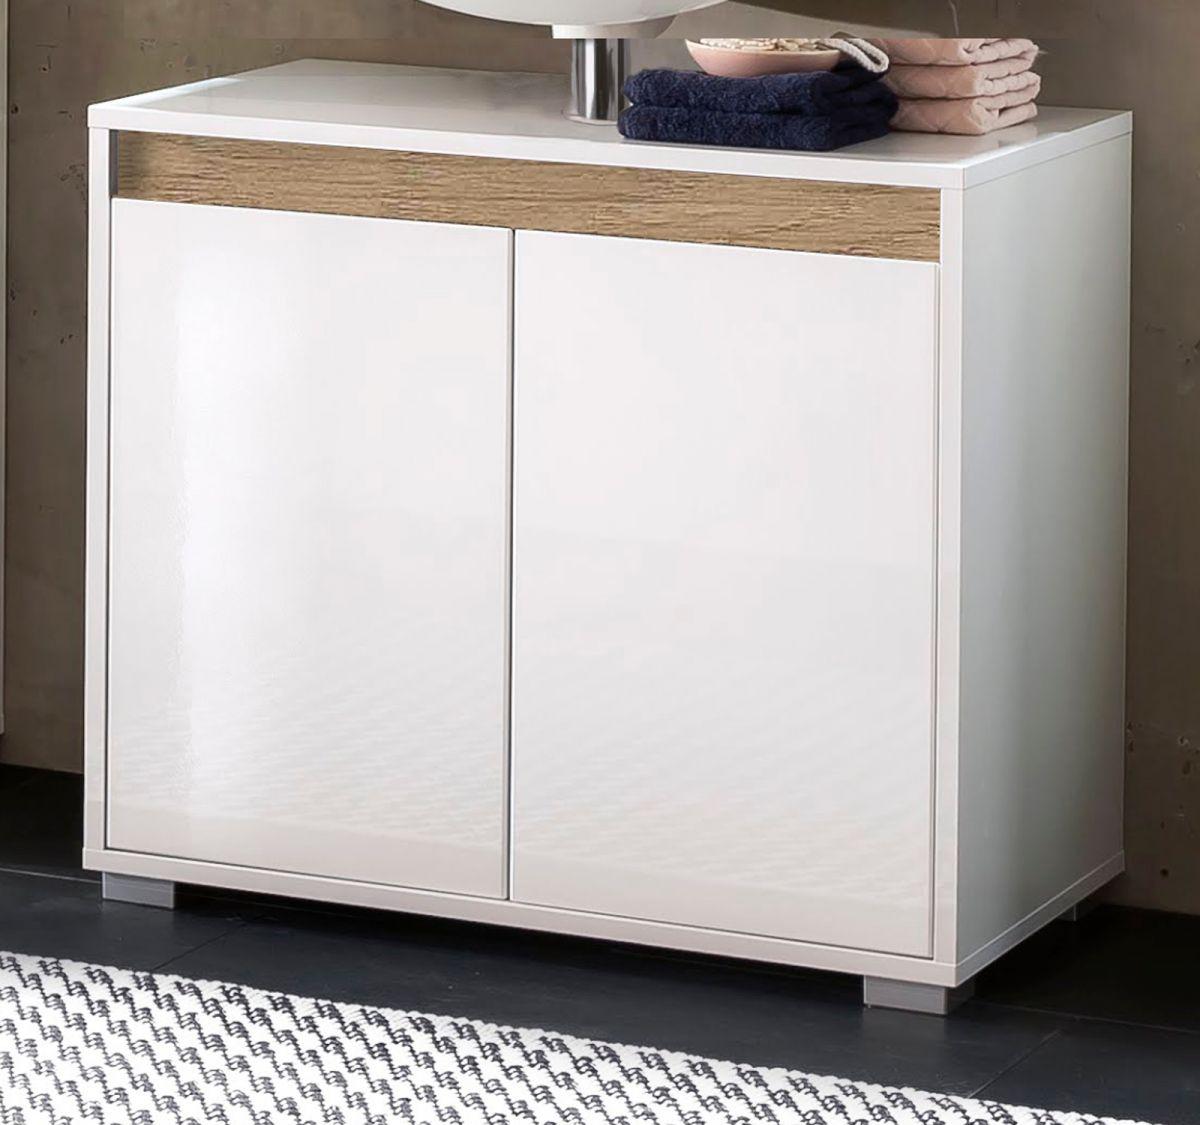 Bad Waschbeckenunterschrank Sol Hochglanz weiss Lack und Alteiche Dekor 67x60 cm